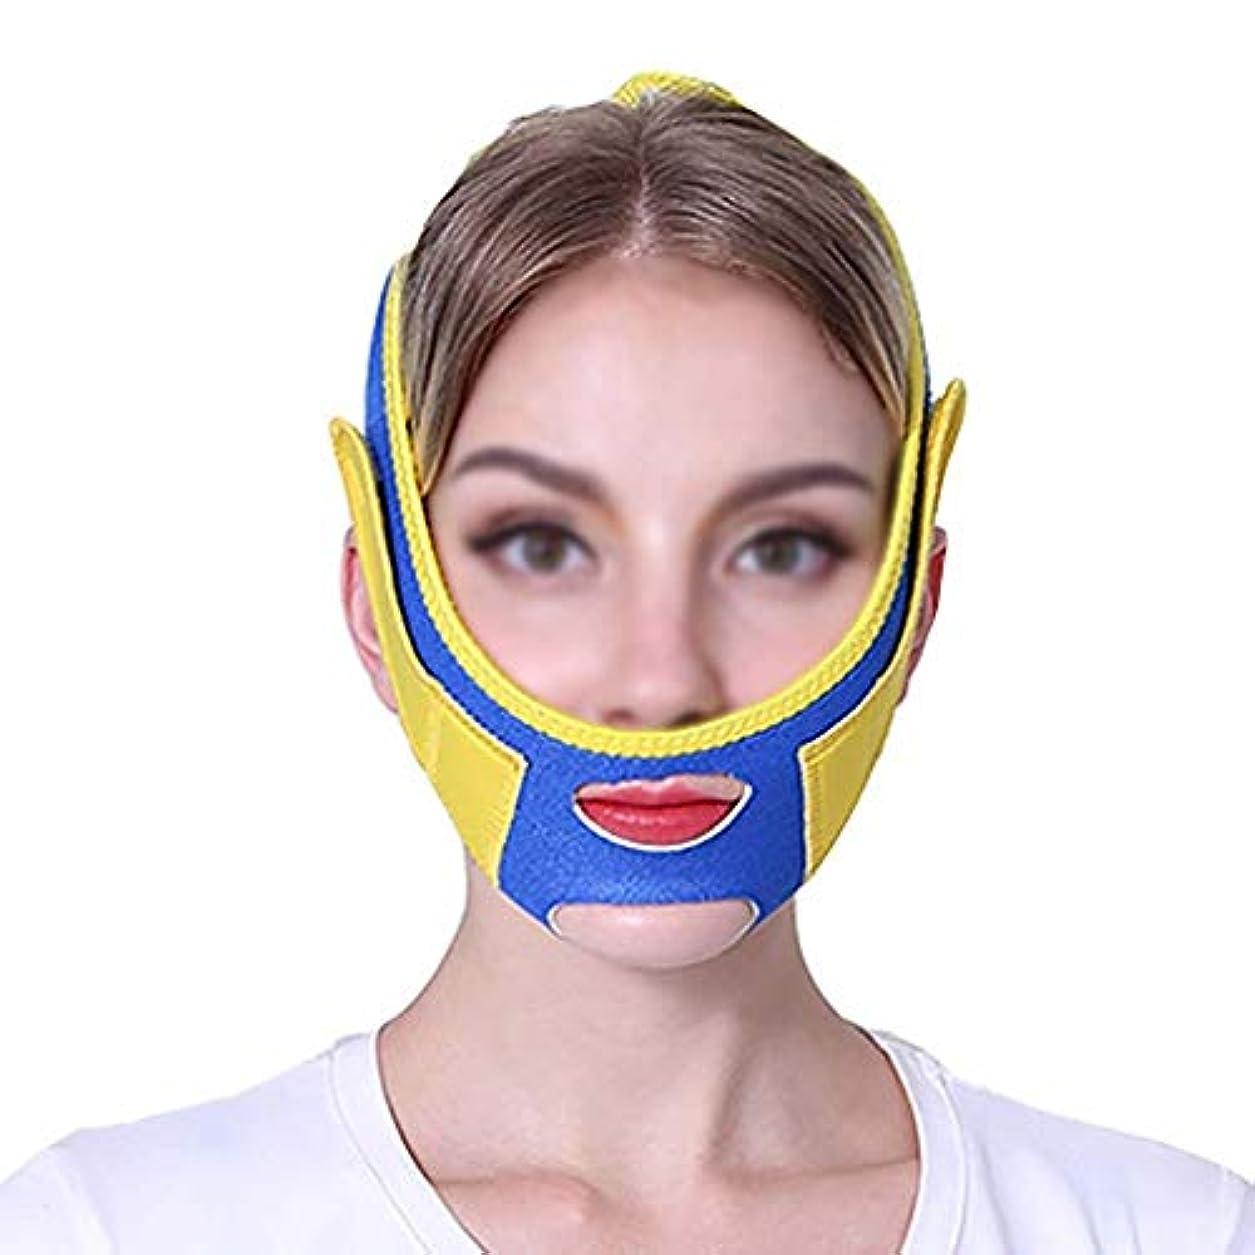 夏弱点連続したファーミングフェイスマスク、スモールVフェイスアーティファクトリフティングマスクフェイスリフティングフェイスメロンフェイスリフティングフェイスマスクファーミングクリームフェイスリフティングバンデージ